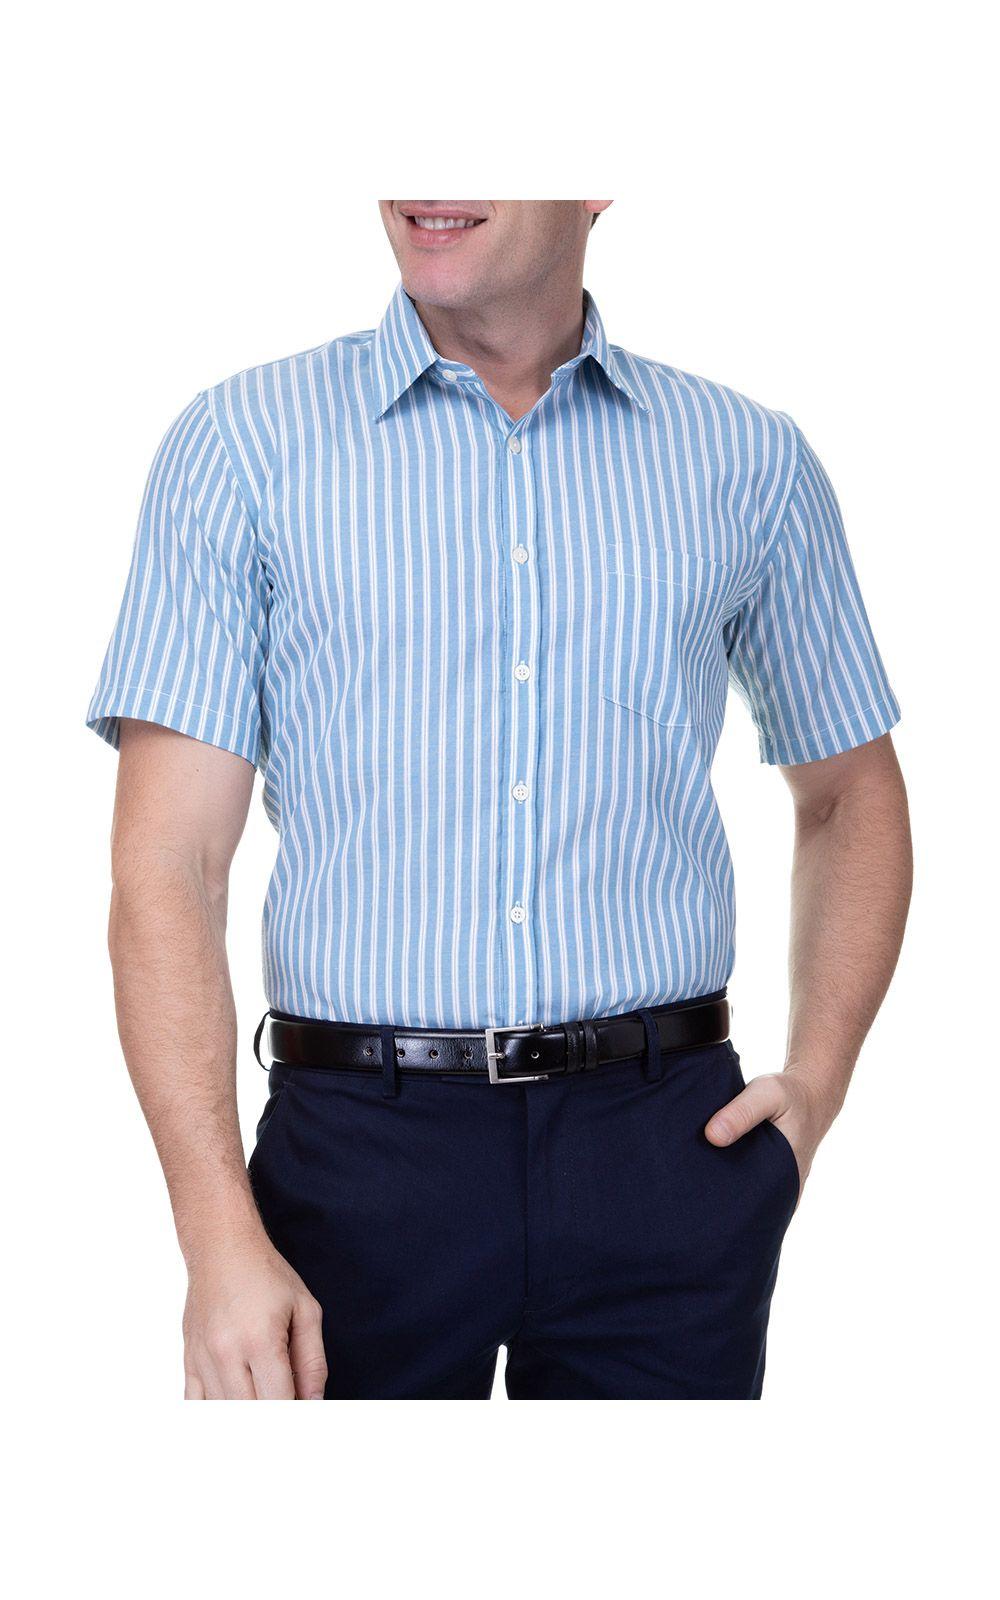 Foto 1 - Camisa Social Masculina Azul Lisa